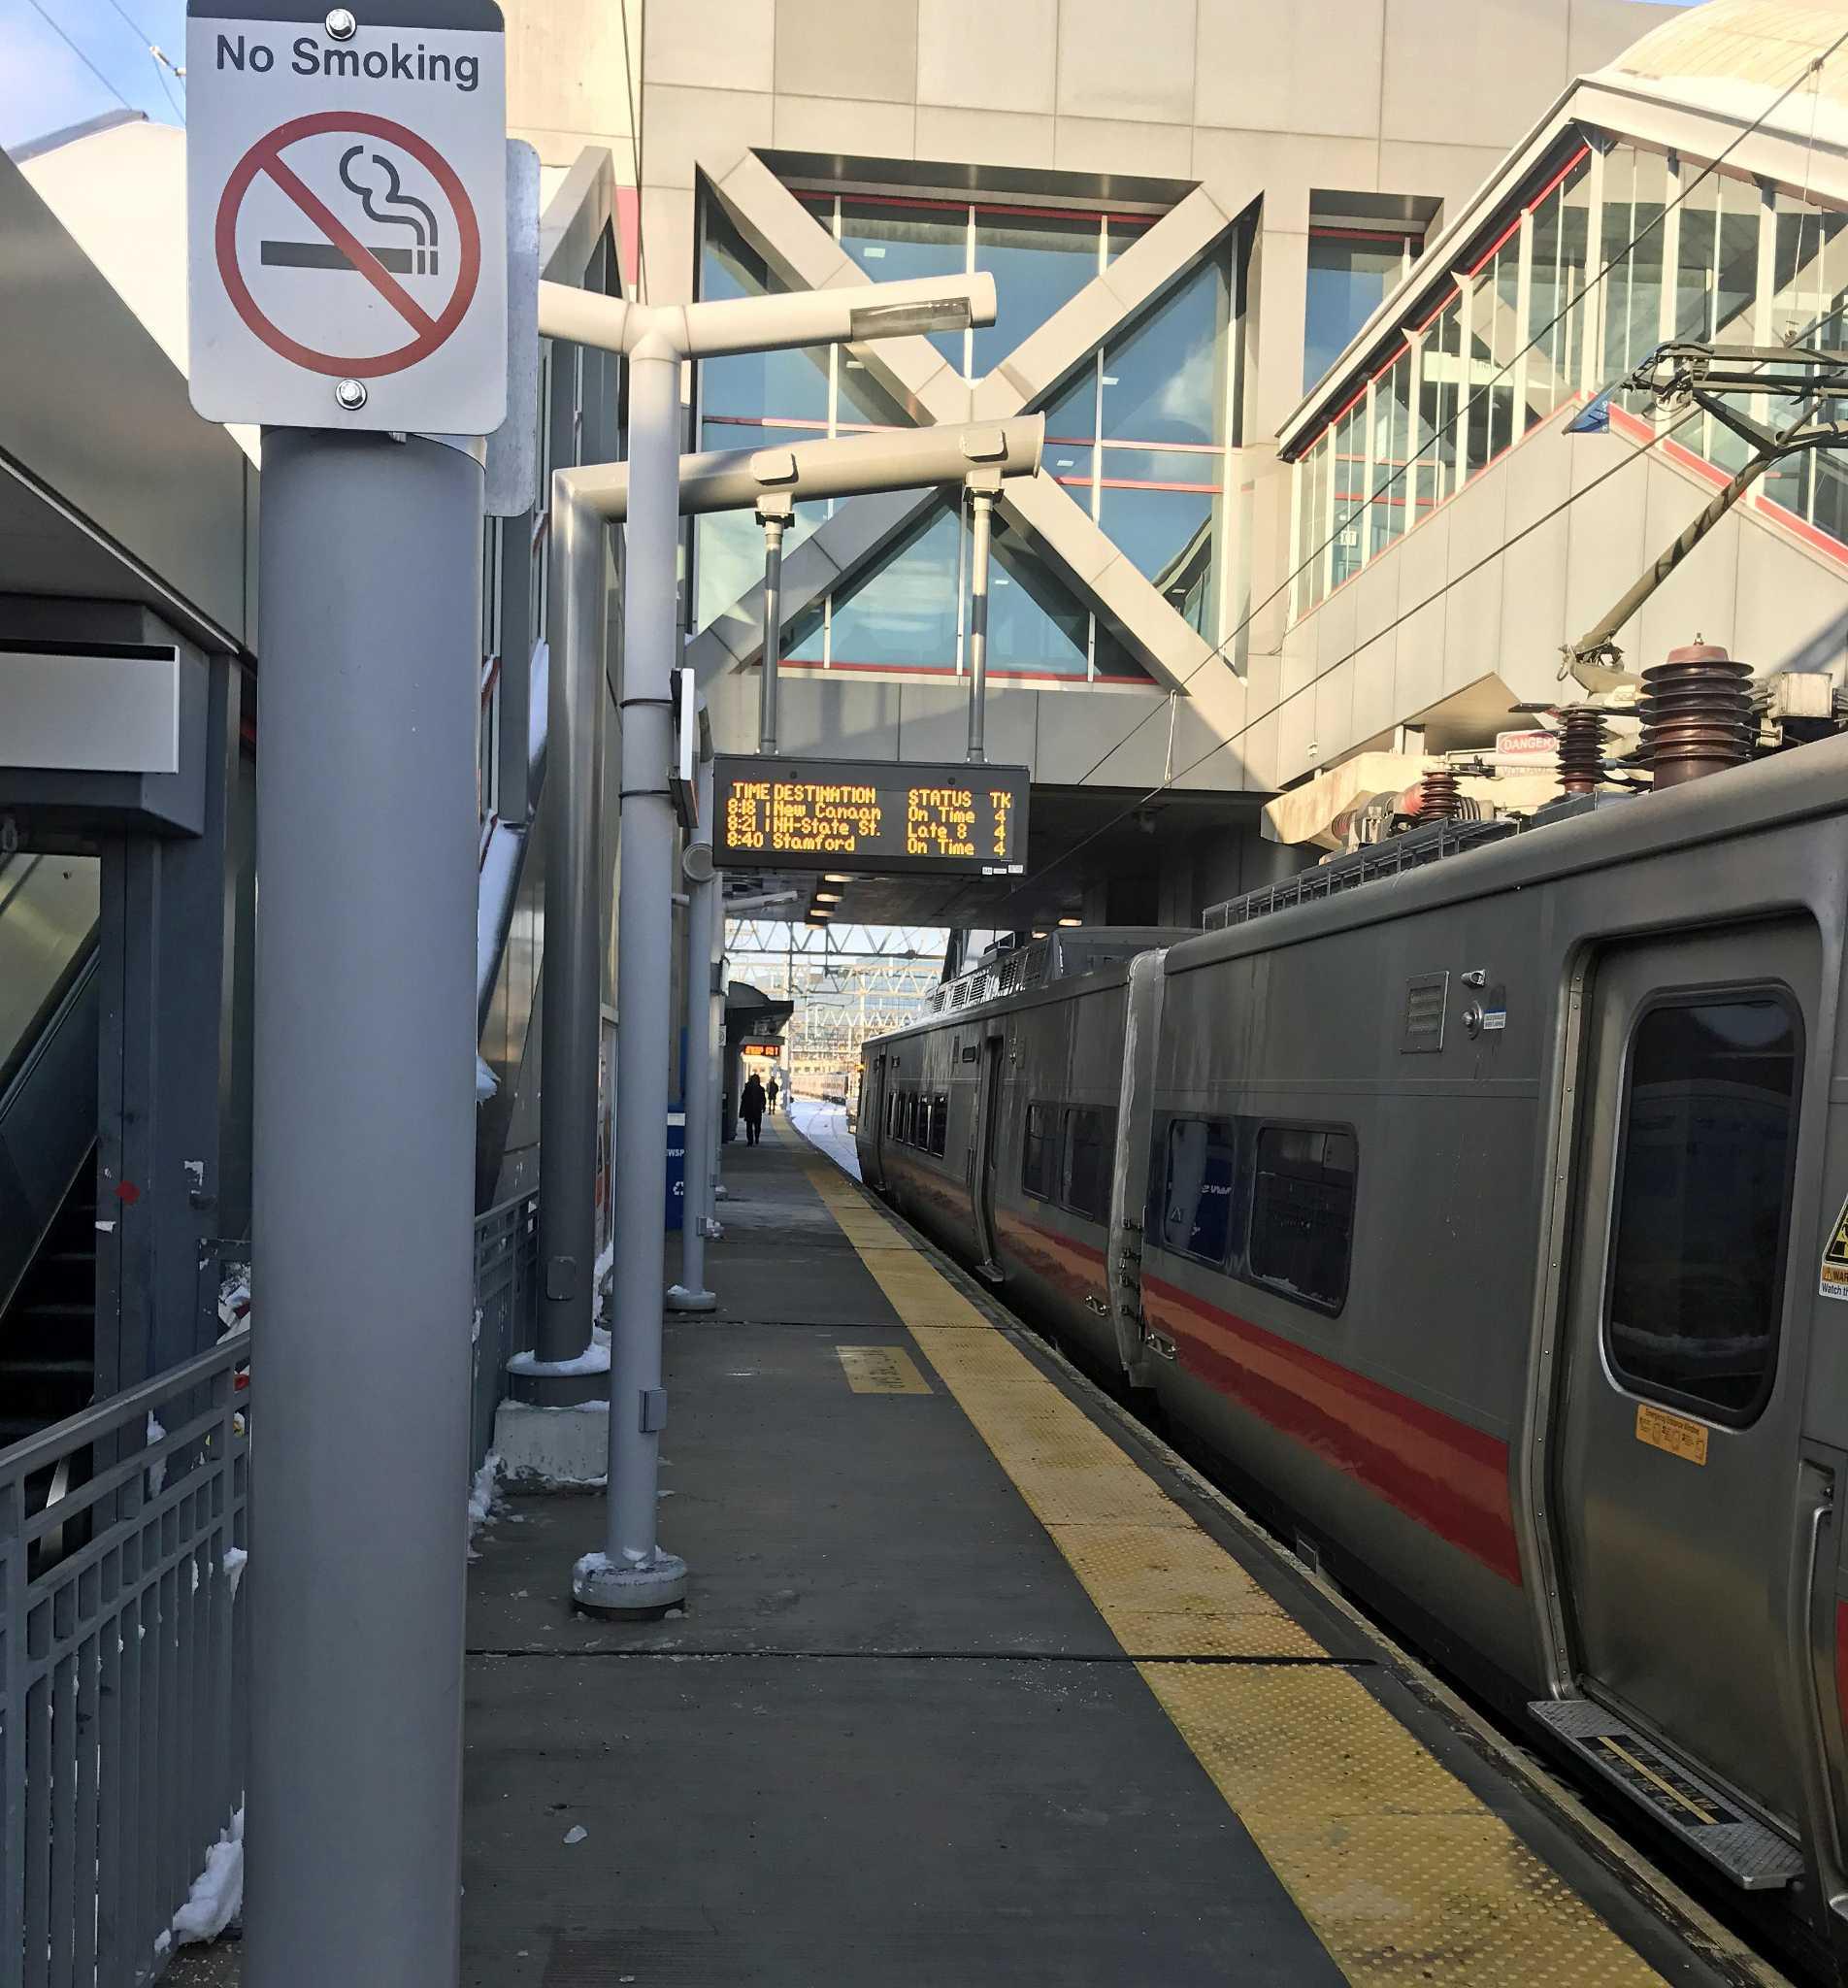 richmond bound train announces - HD1904×2048